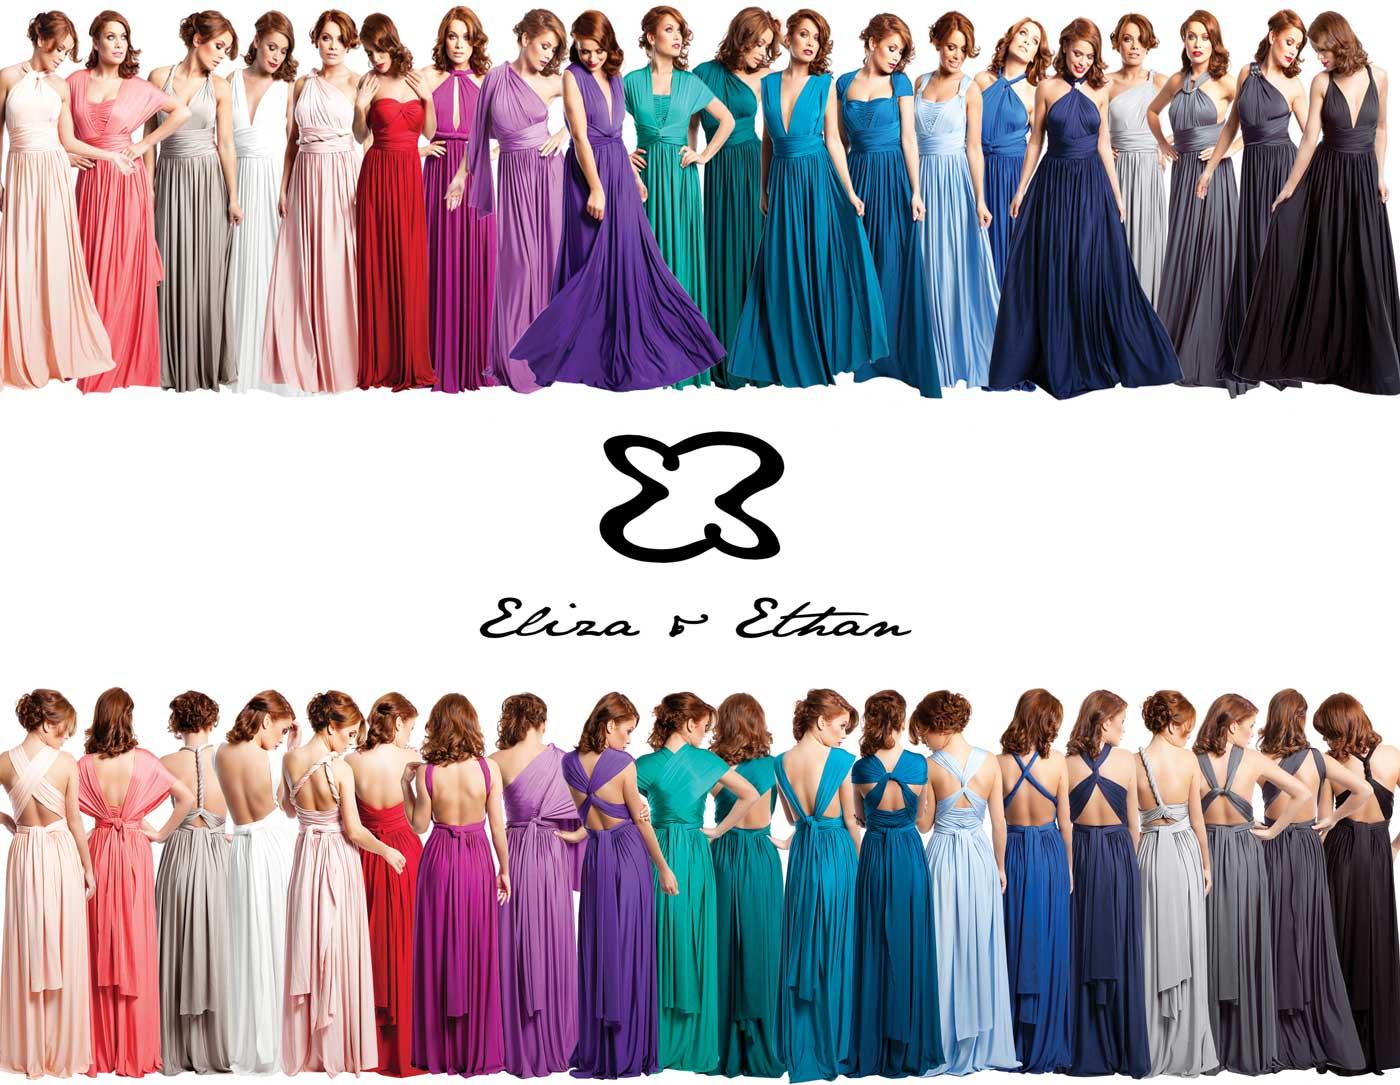 Jade short eliza ethan multiwrap dress alila eliza ethan multiwrap dress alila ombrellifo Choice Image